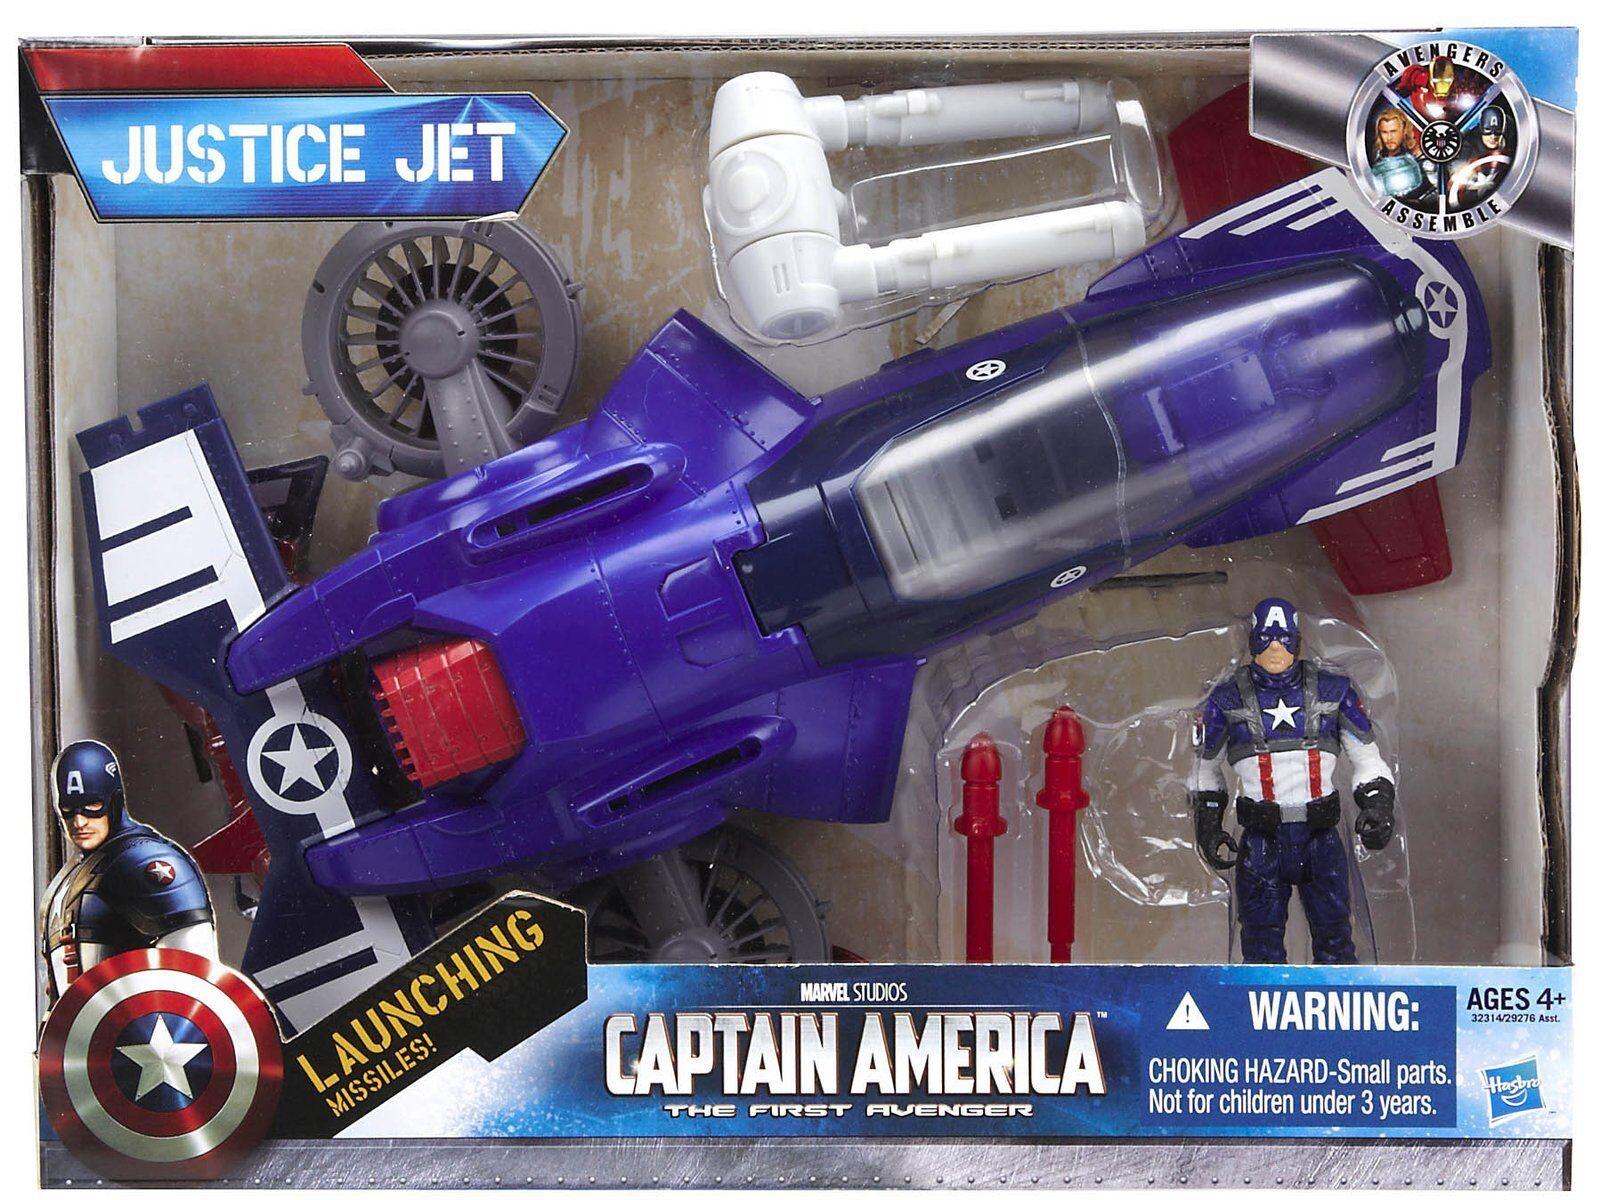 Marvel Legends Avenger Vehicle Captain America Justice Jet with Figure UK Seller